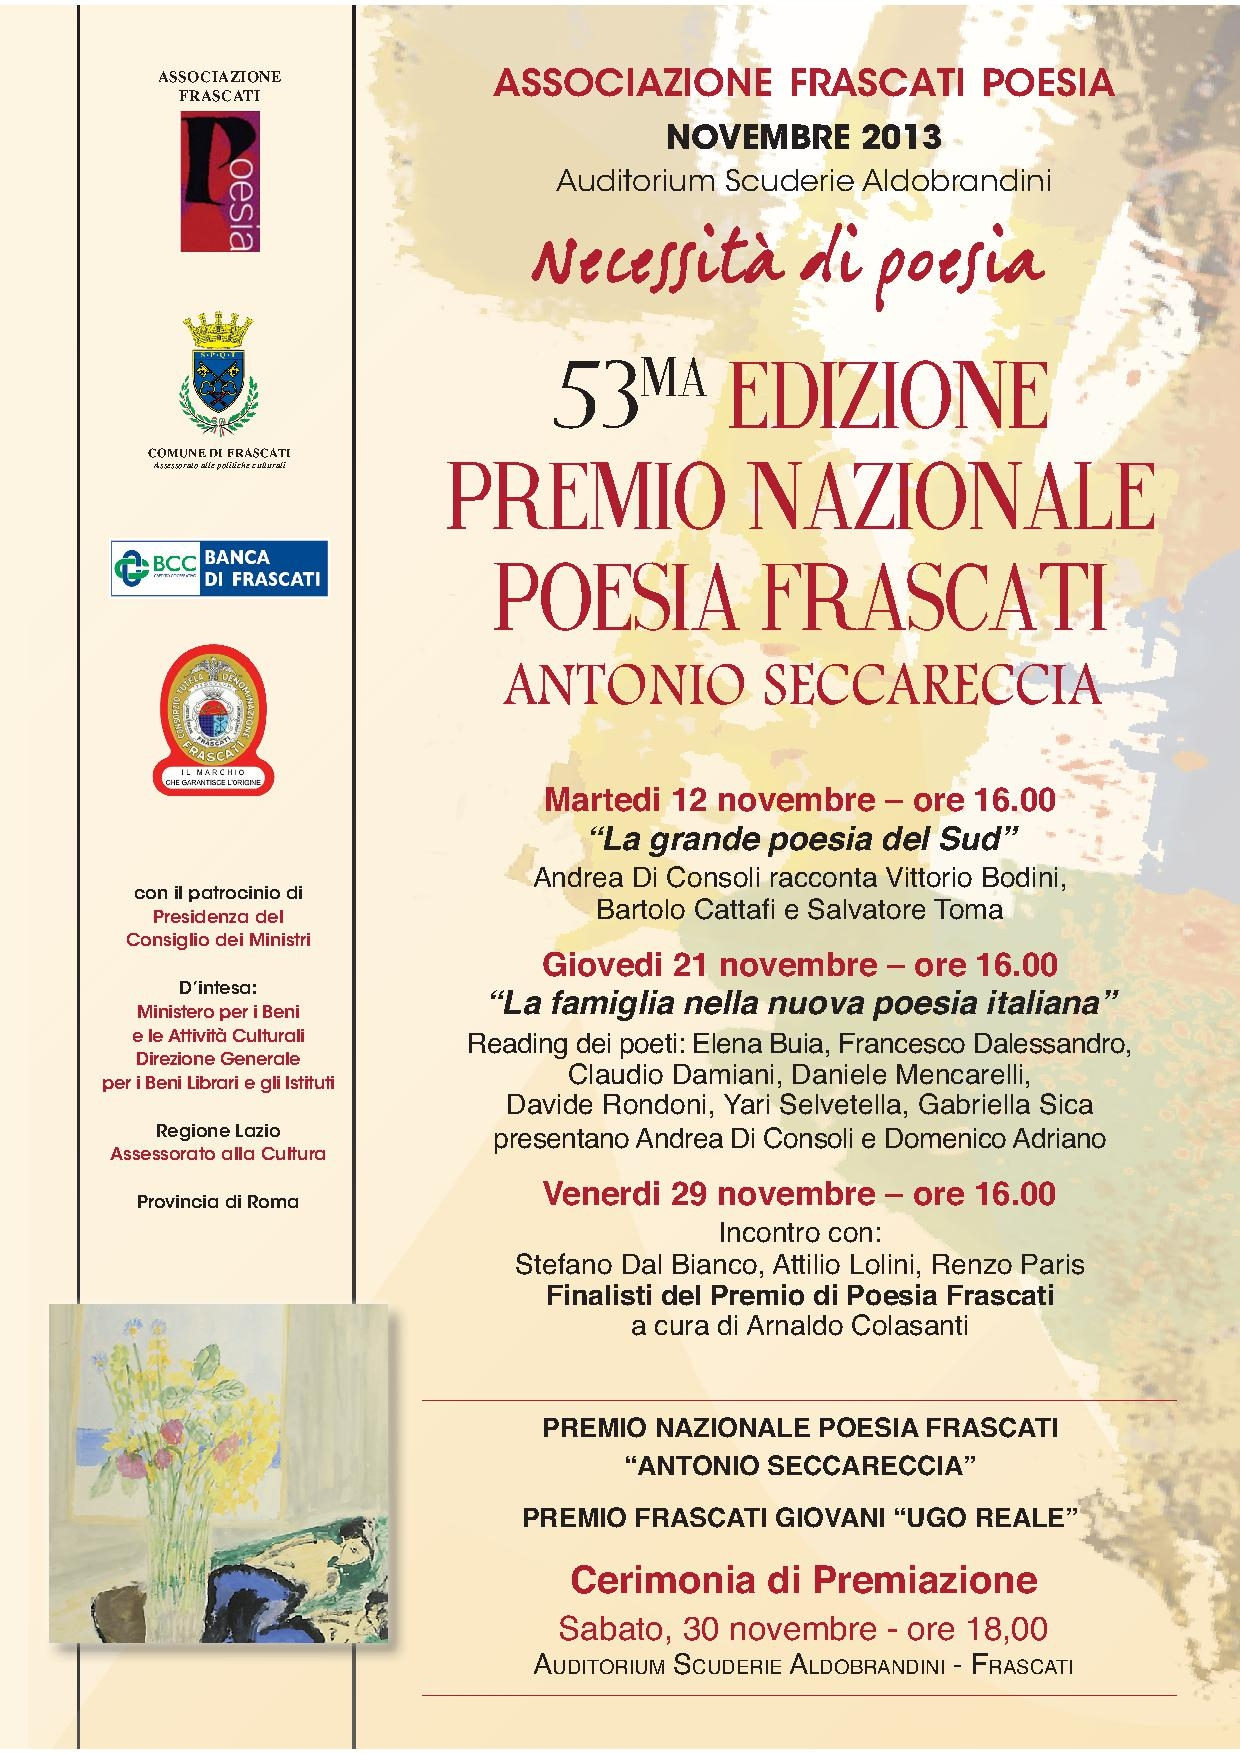 29-11- 13 Frascati